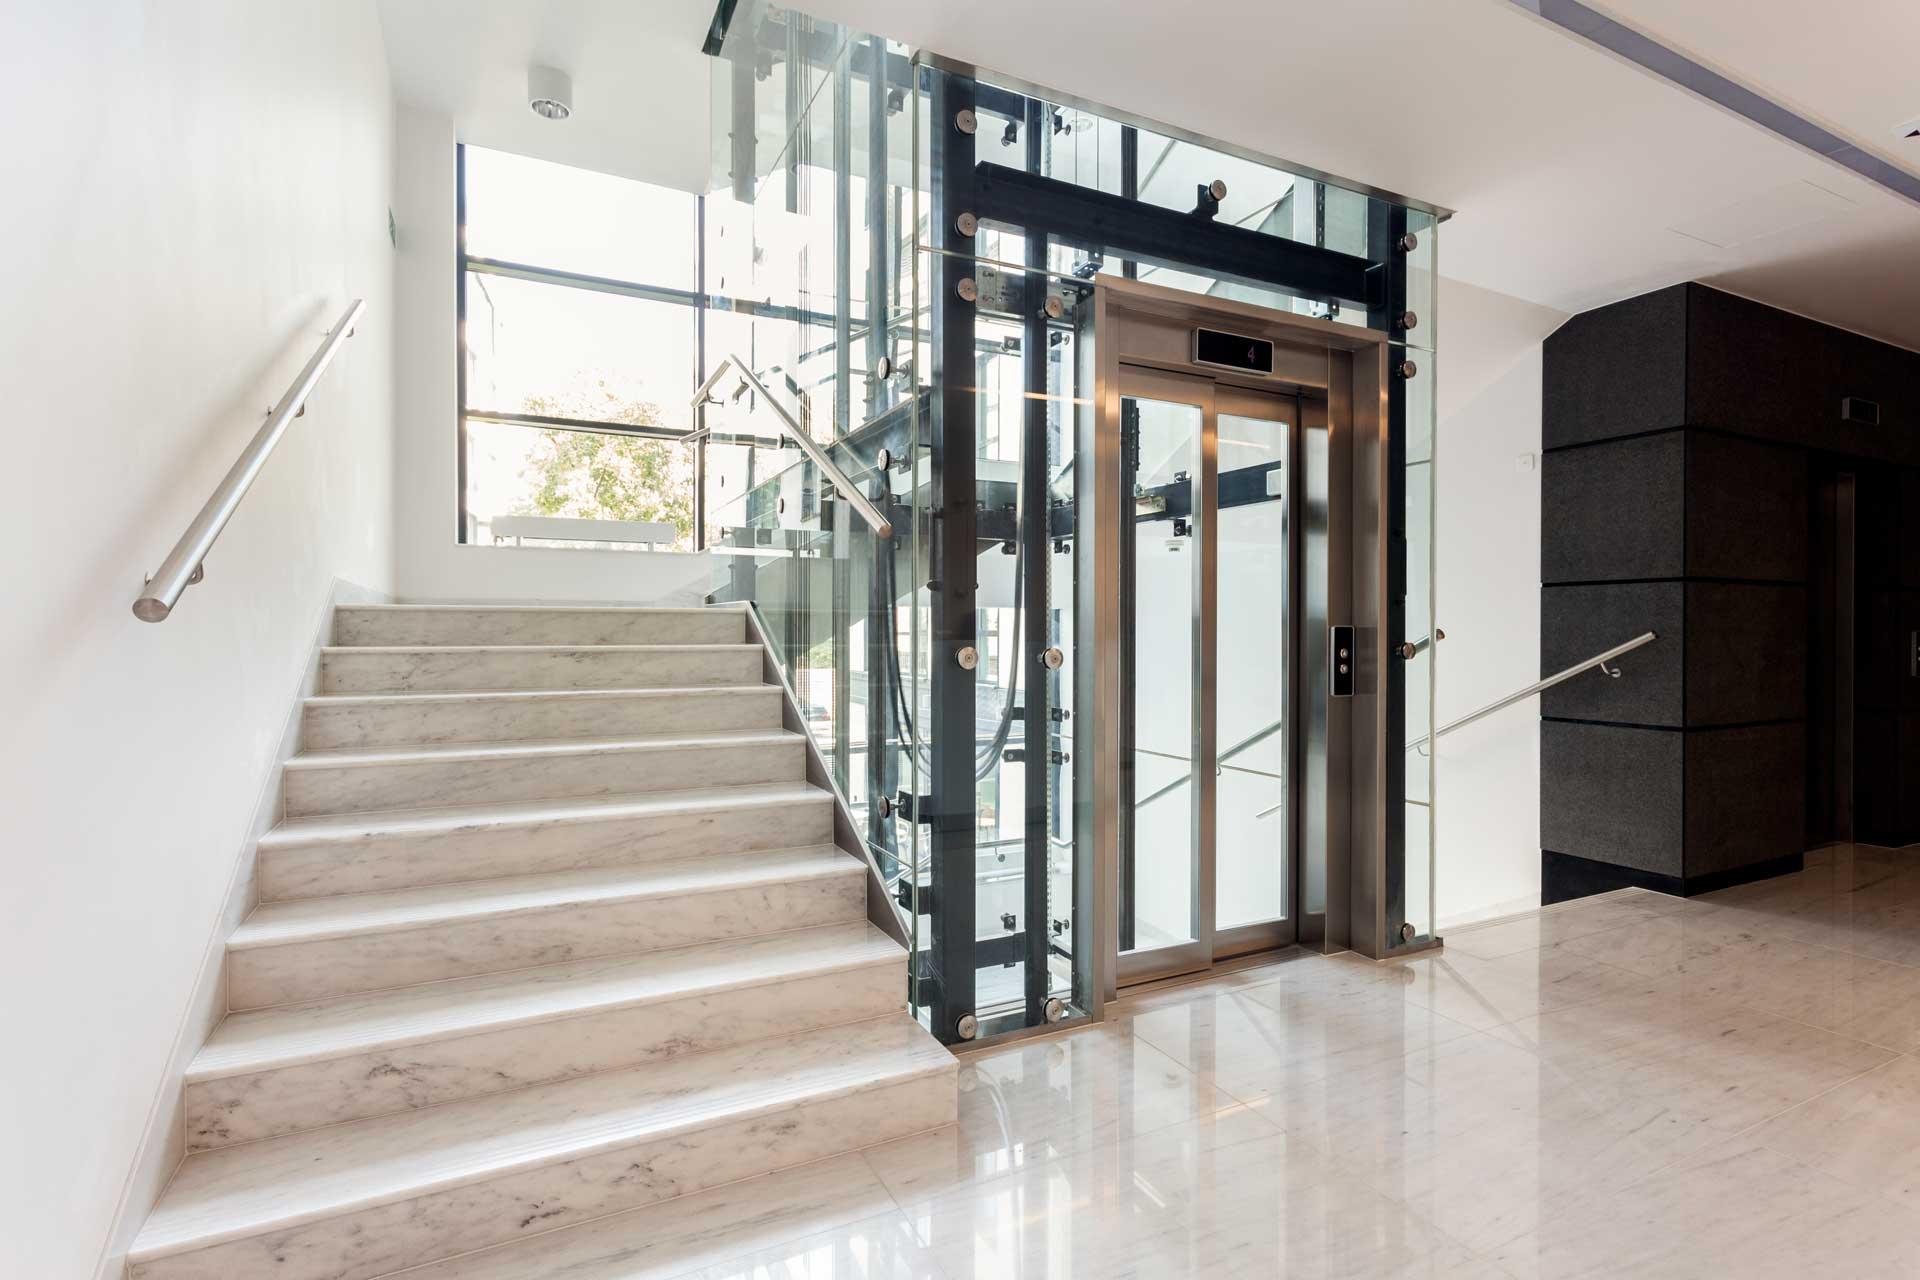 ascensore con porta a vetro